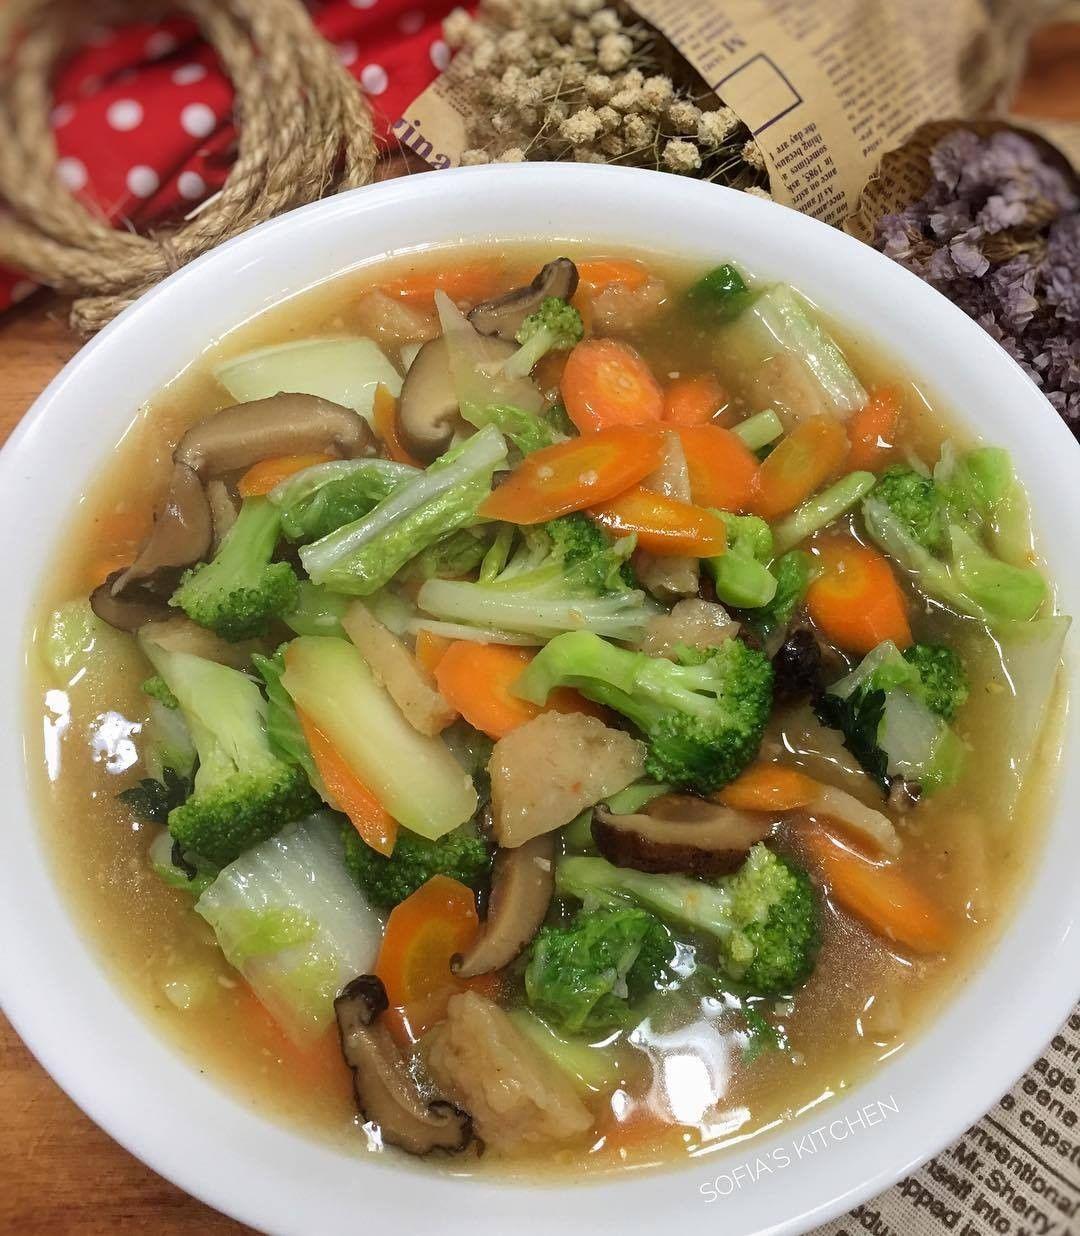 Resep Capcay Kuah Kental Untuk Comfort Food Di Rumah